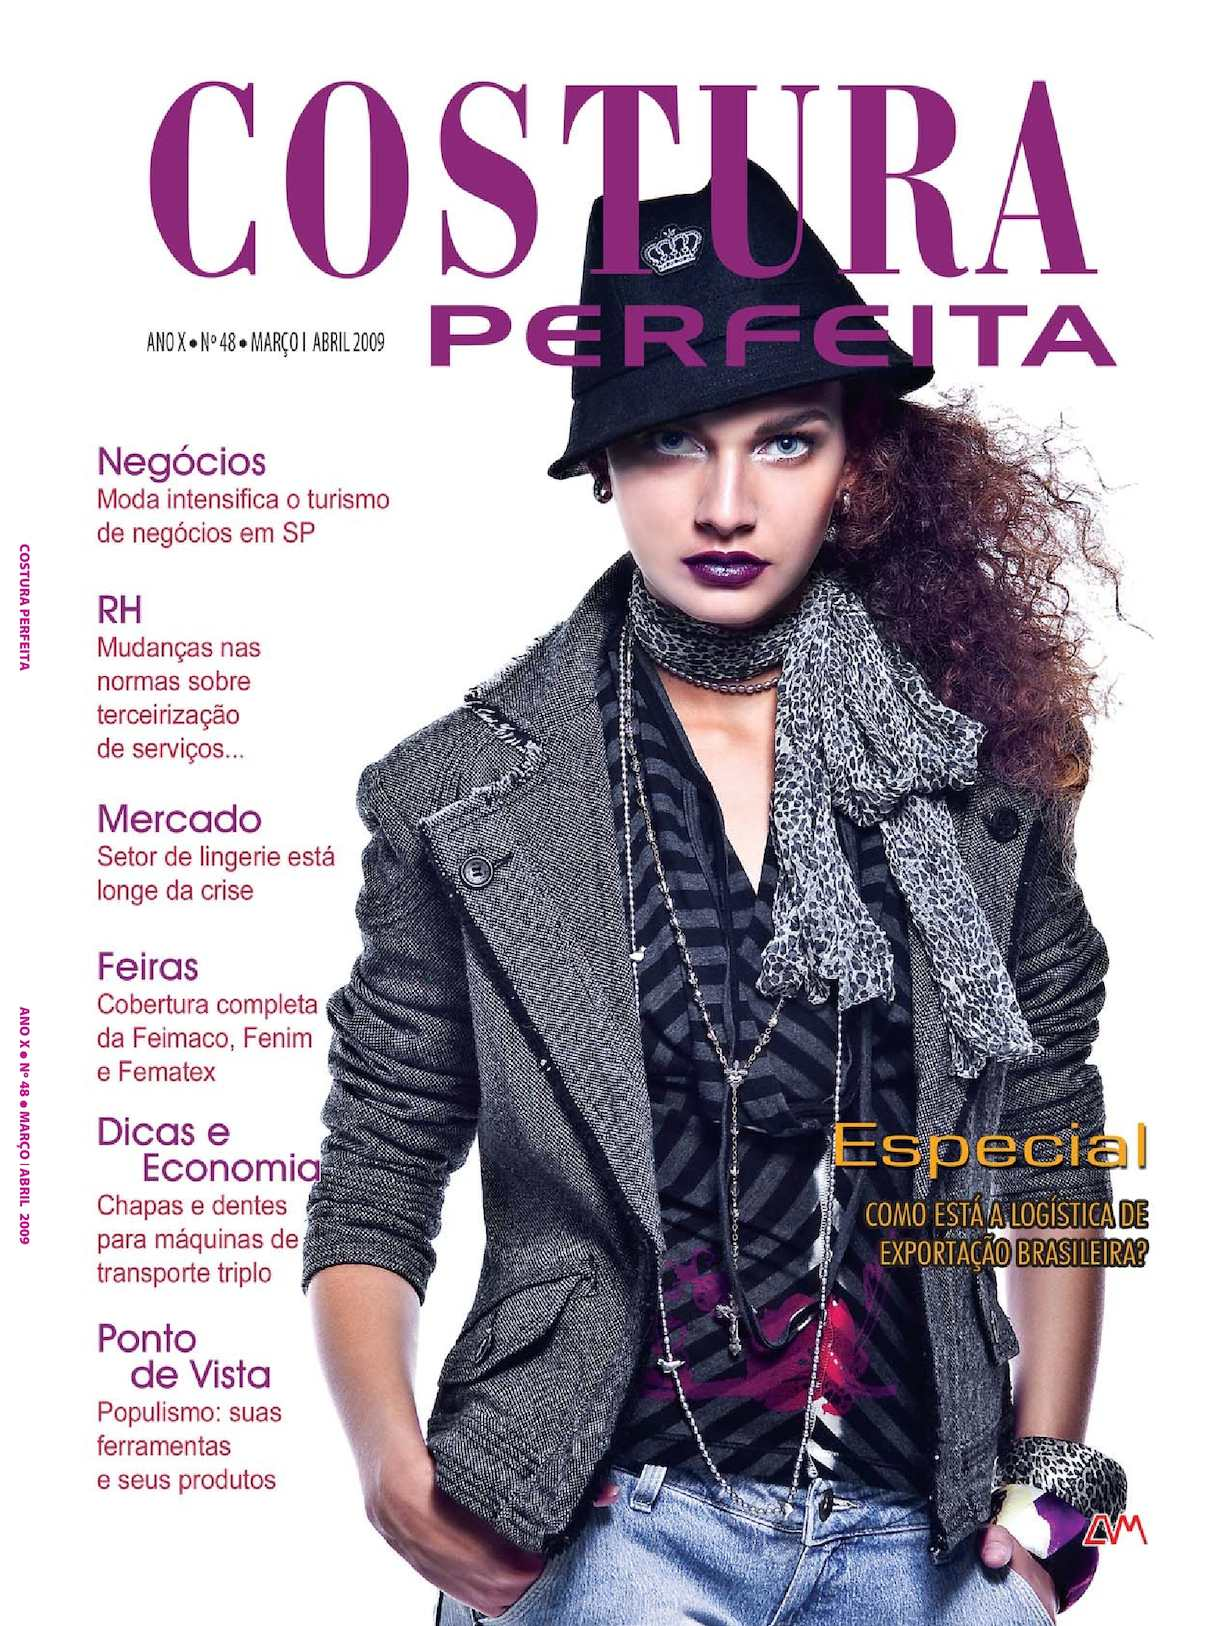 0e5300a92 Calaméo - Revista Costura Perfeita Edição Ano X - N48 -Março-Abril 2009